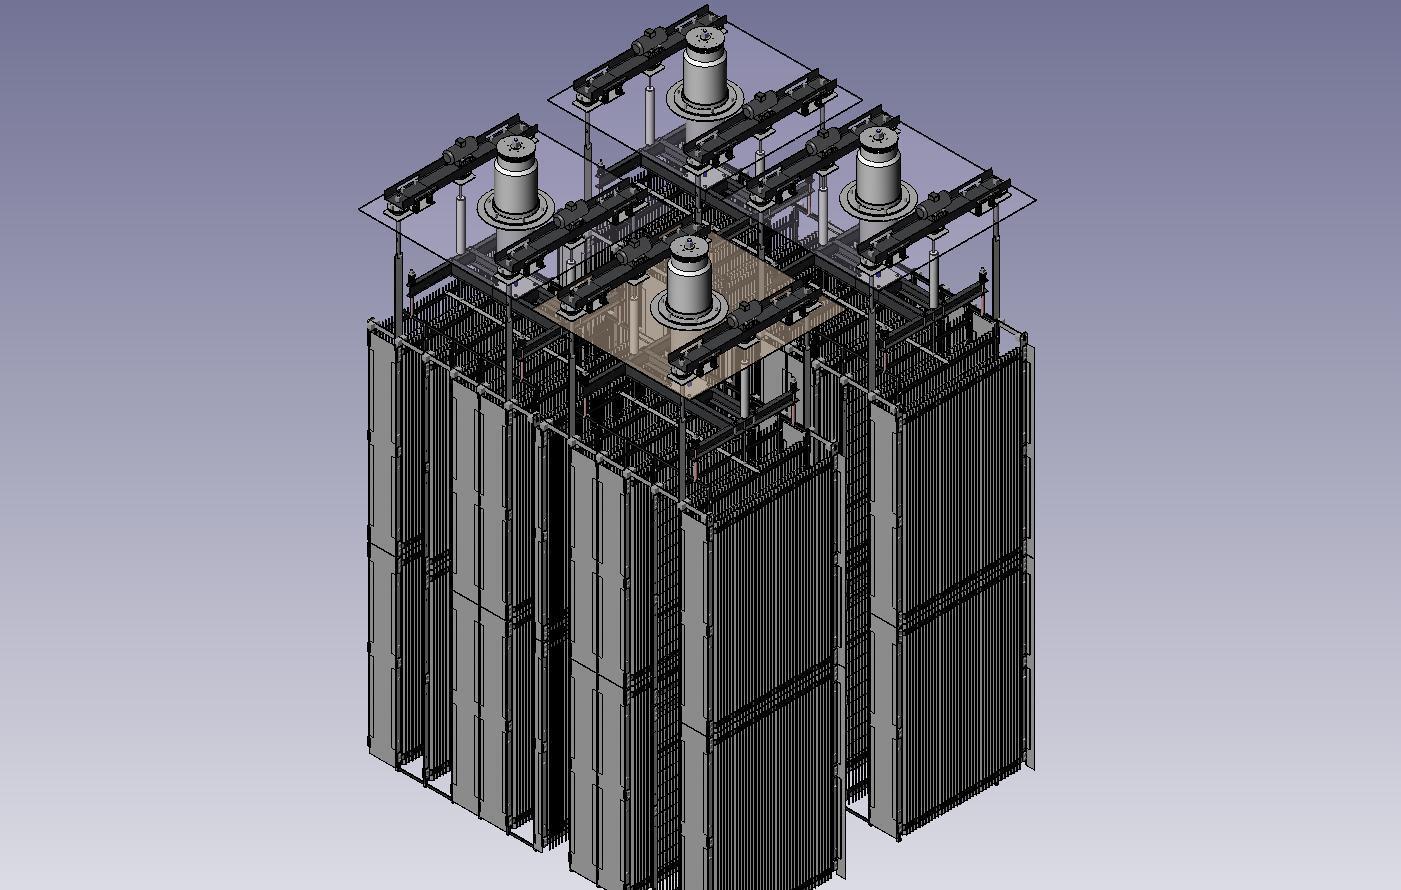 D:ManzenkoDesktopдля подготовки рассширенной информации для ДОНБАСЭНЕРГОАналоги на ЗОЗРисунки1. Электродная система.jpg